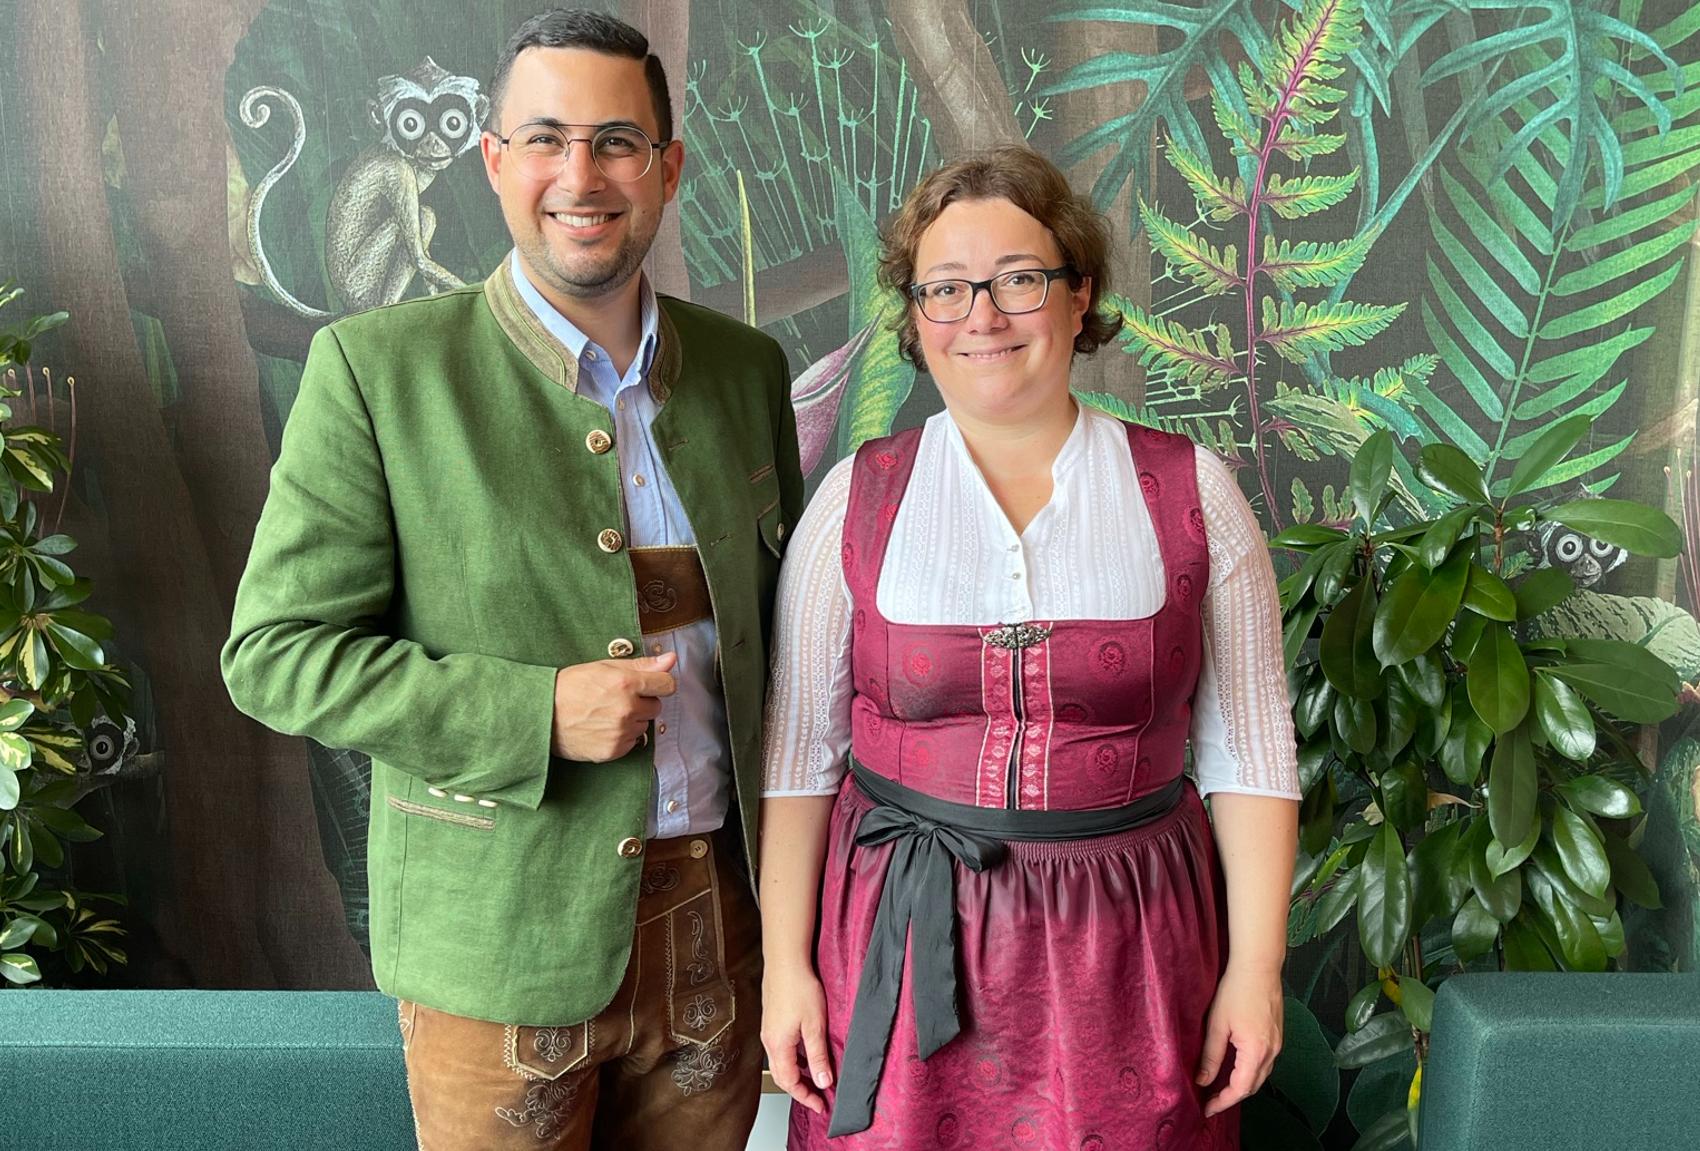 Wenige Minuten vor dem Vortrag: vlnr. Richard Gruber und Kerstin Bürkl in Tracht